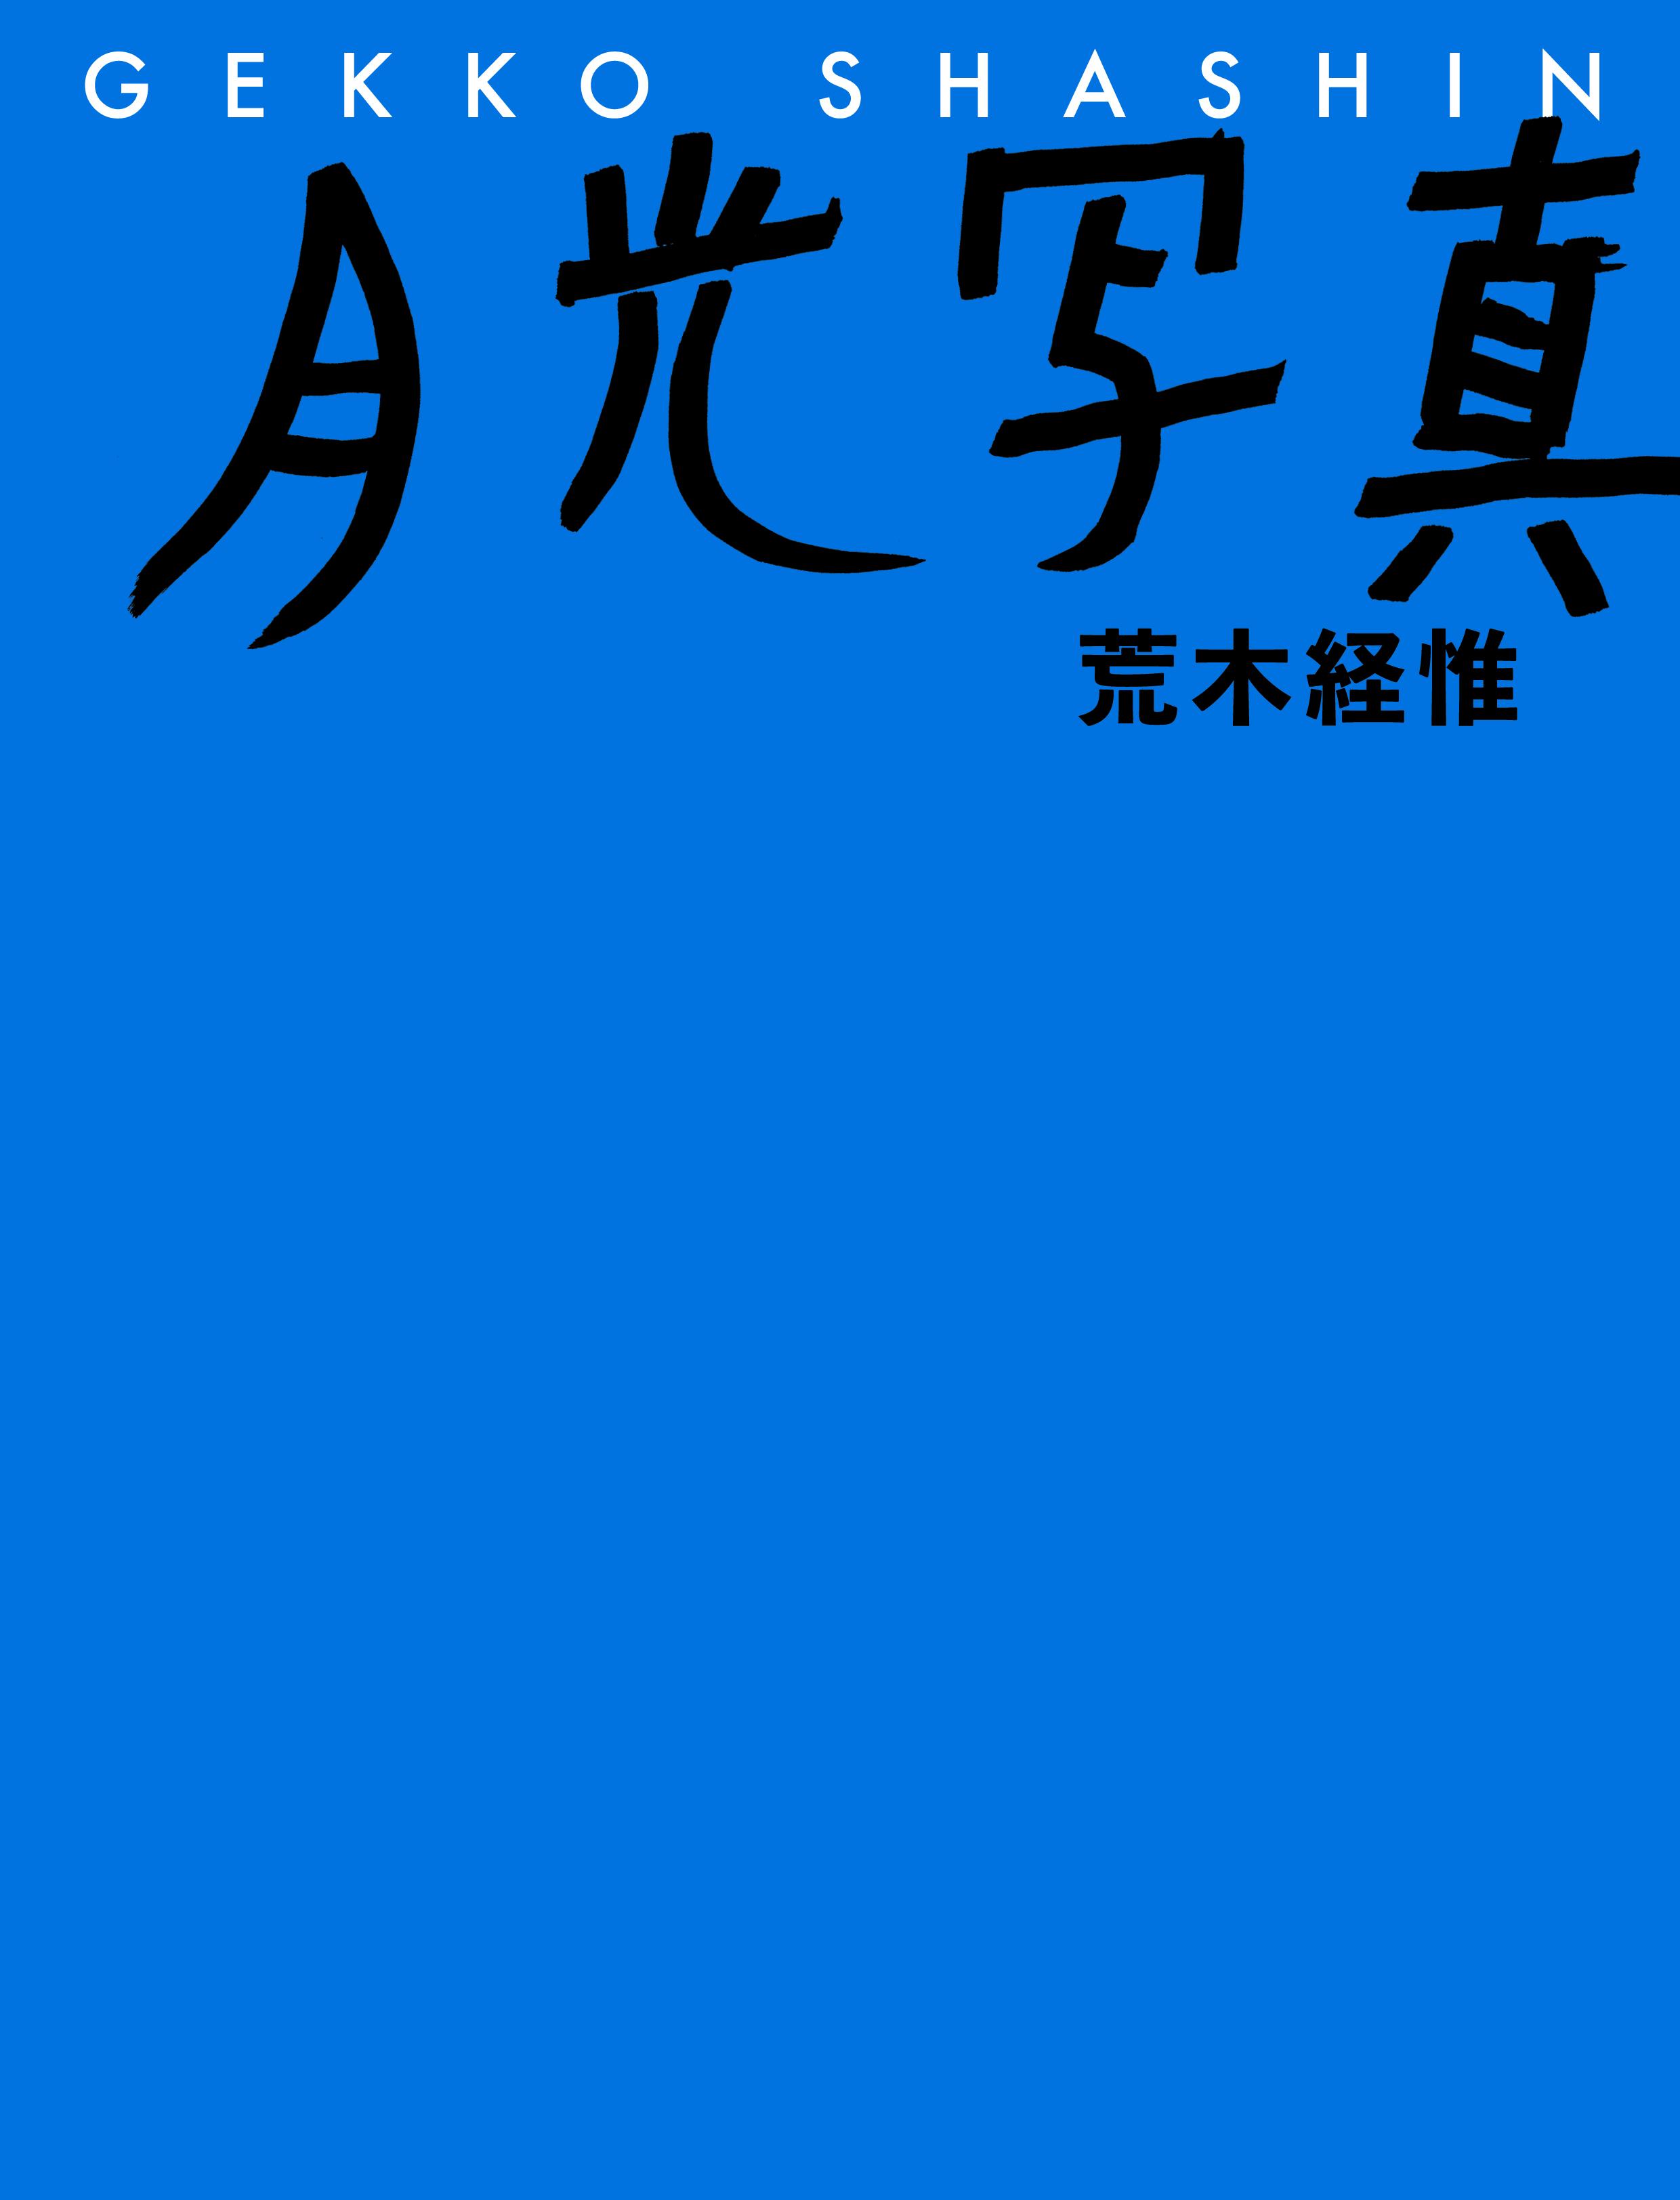 荒木経惟写真集『月光写真』